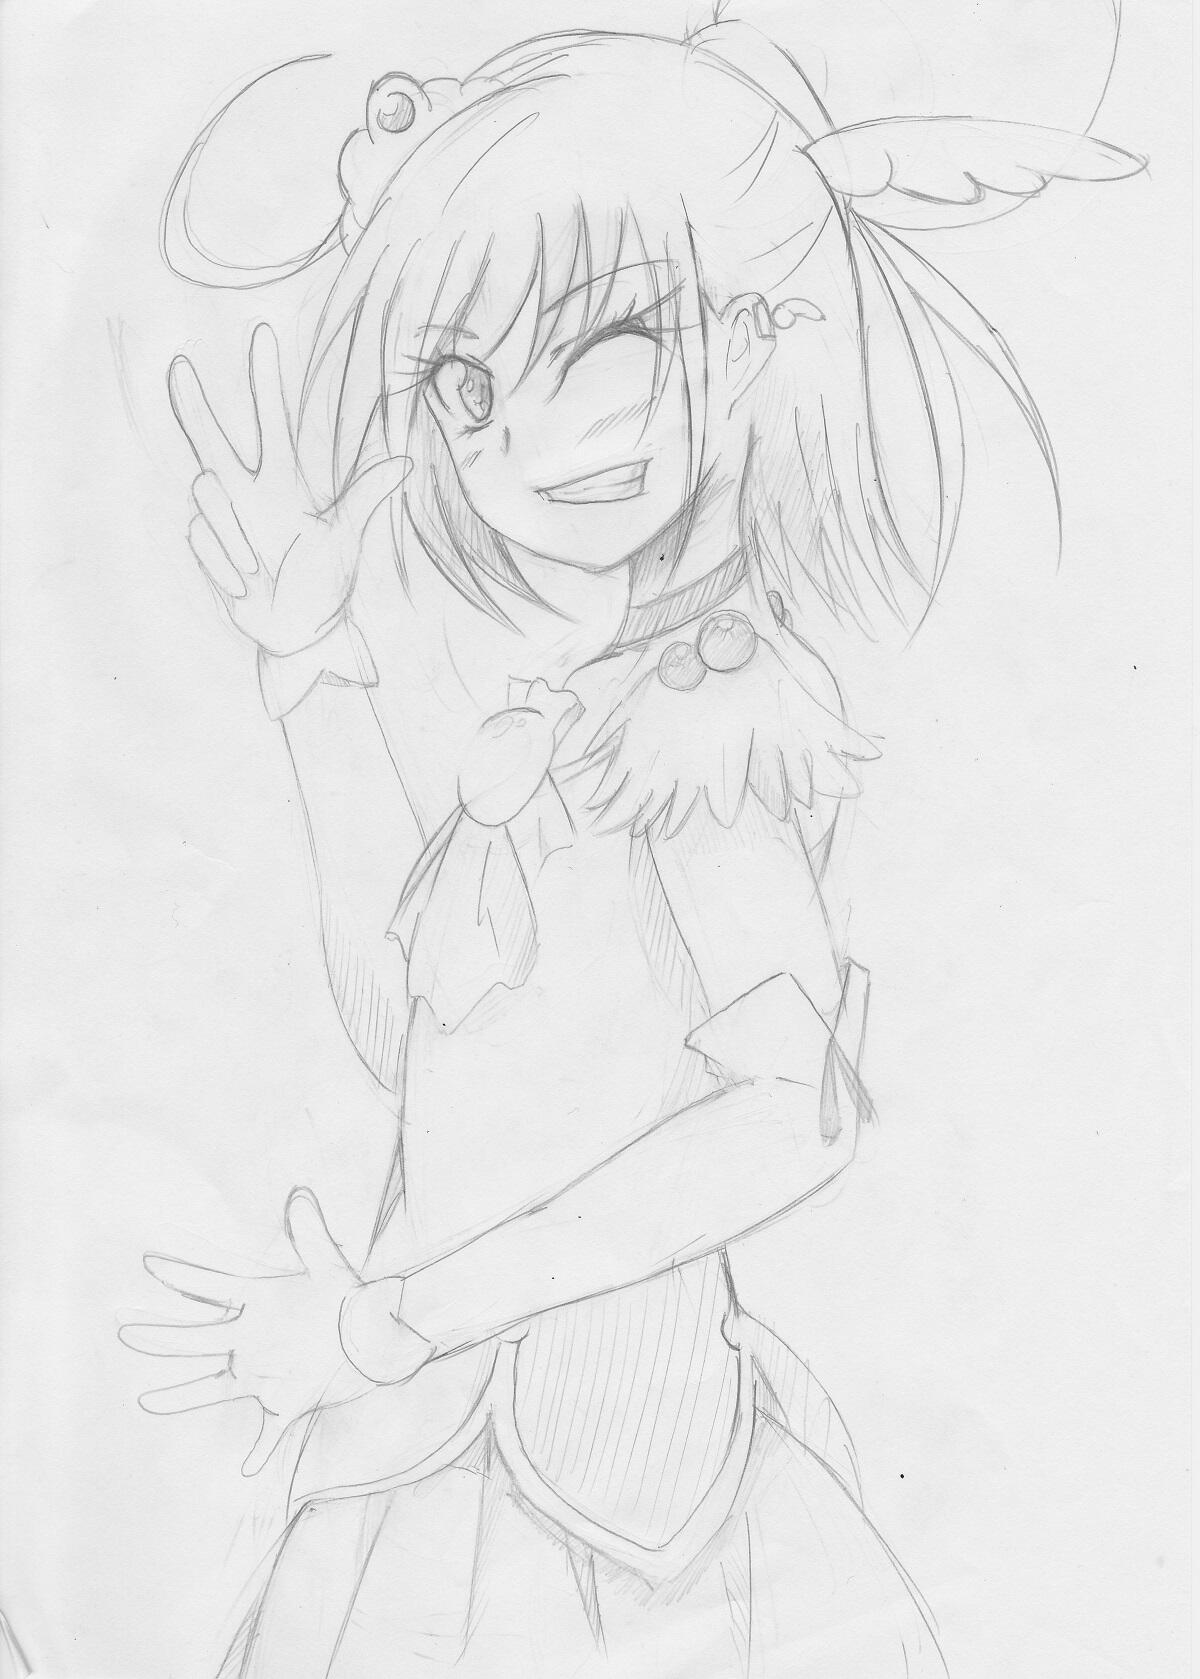 オレオ@みゆきちゃんの原稿描きたい~ (@WRariFromHell)さんのイラスト